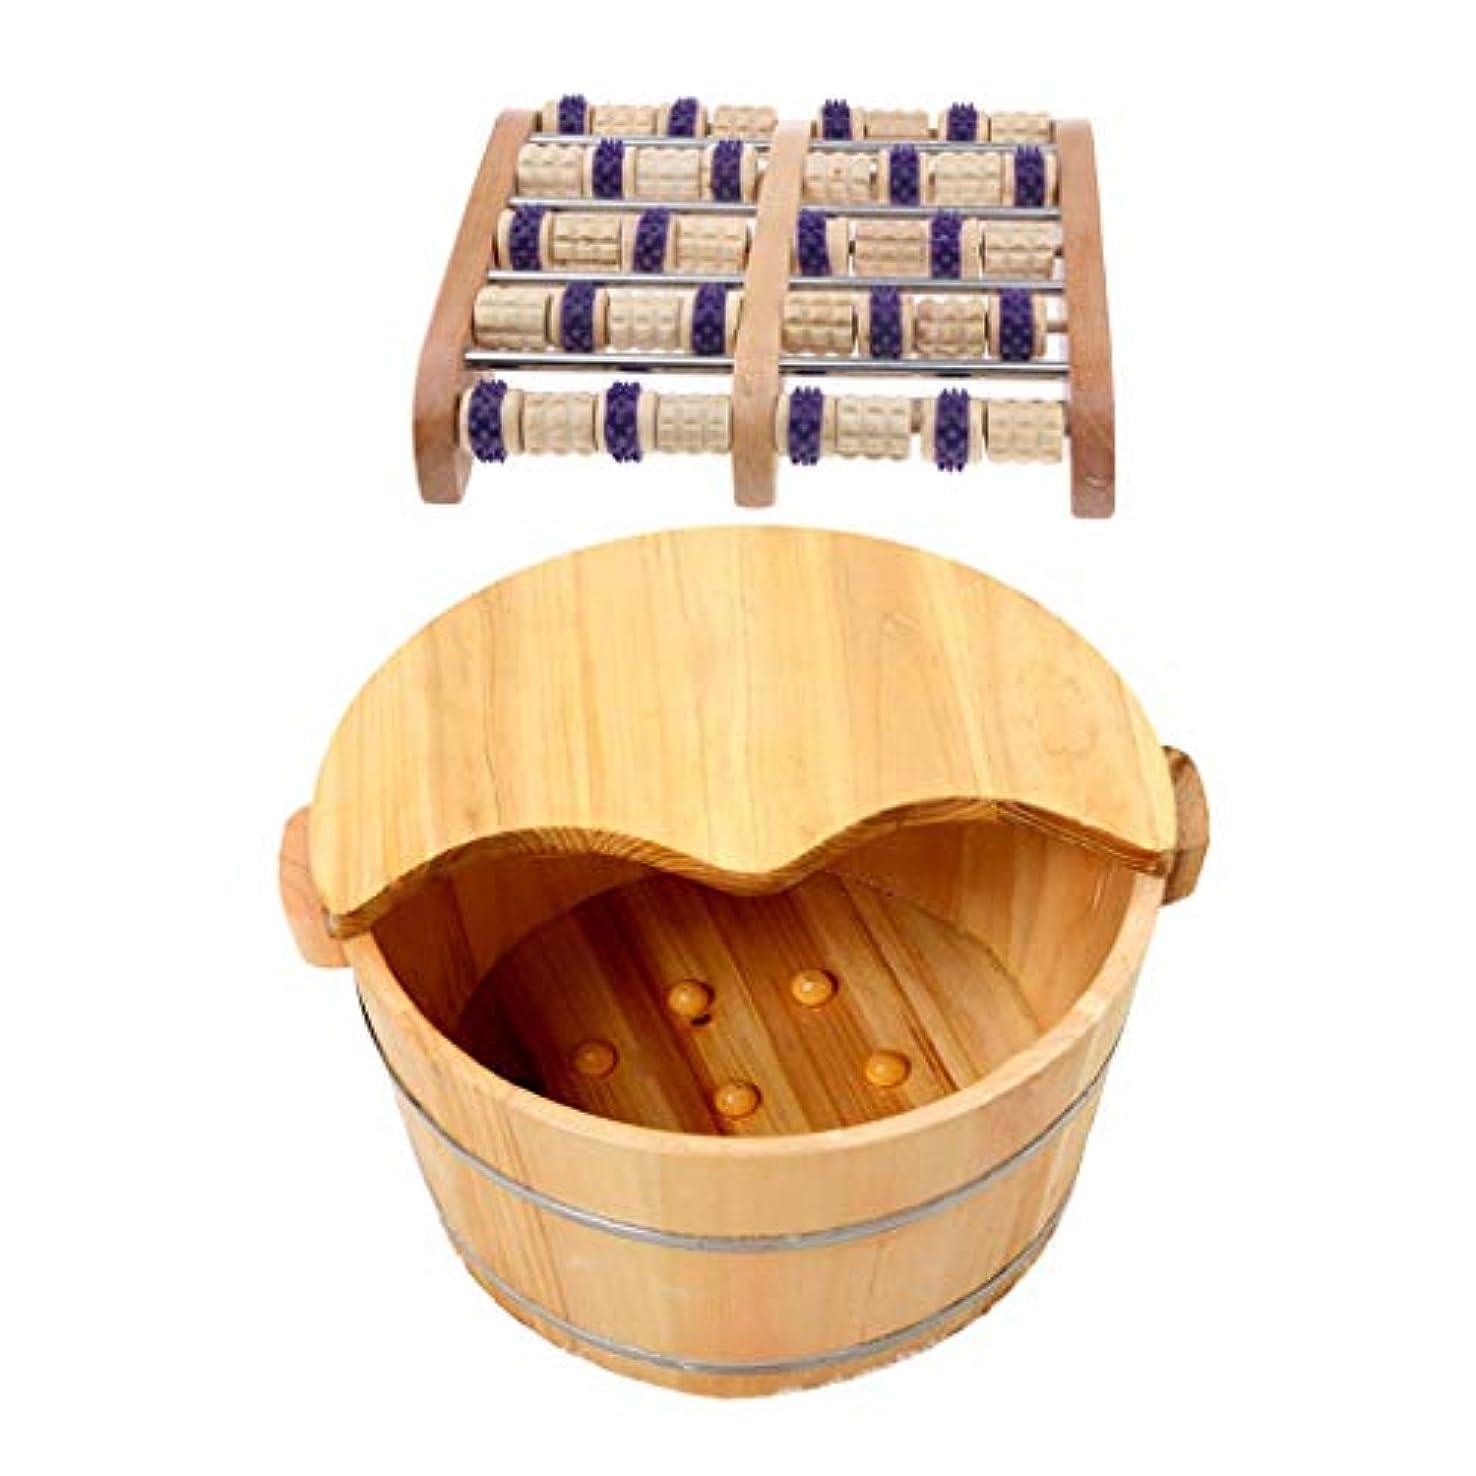 週間振り返る三角Fenteer 足つぼマッサージ 手作りウッドマッサー フット ローラー 足裏刺激 血行促進 木製の足の洗面台付き